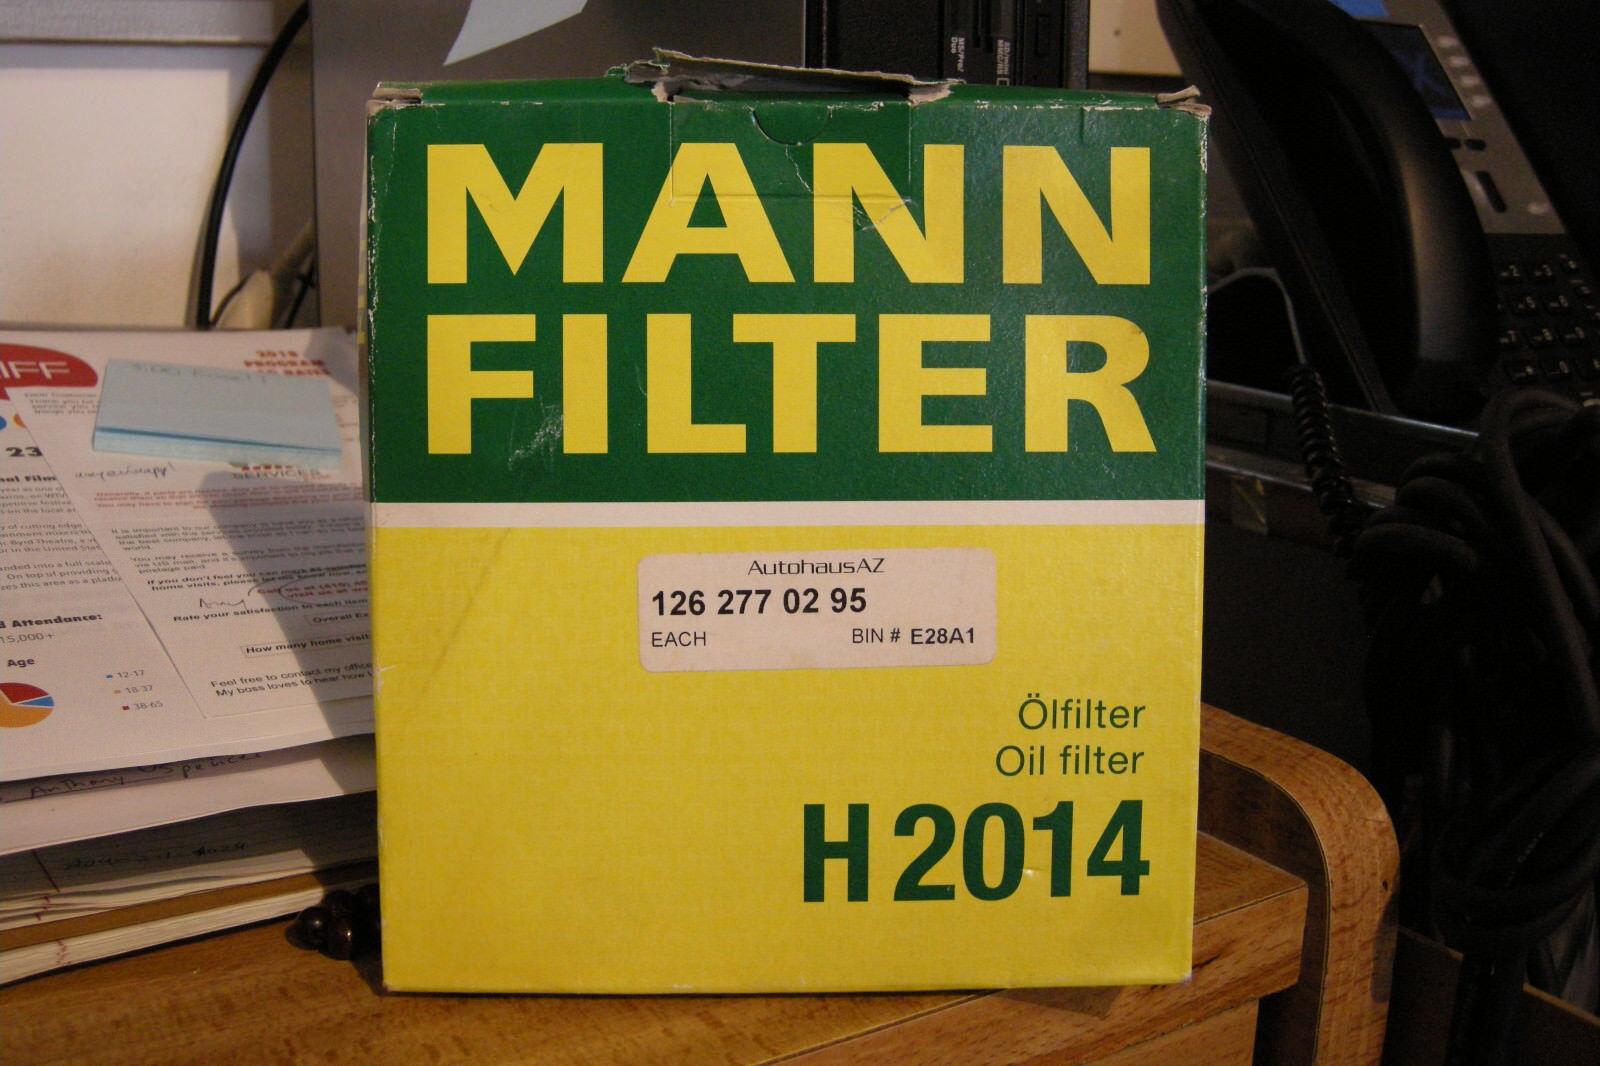 Mann Filter H2014 Mercedes-Benz 126 277 02 95 Auto Trans Oil Filter